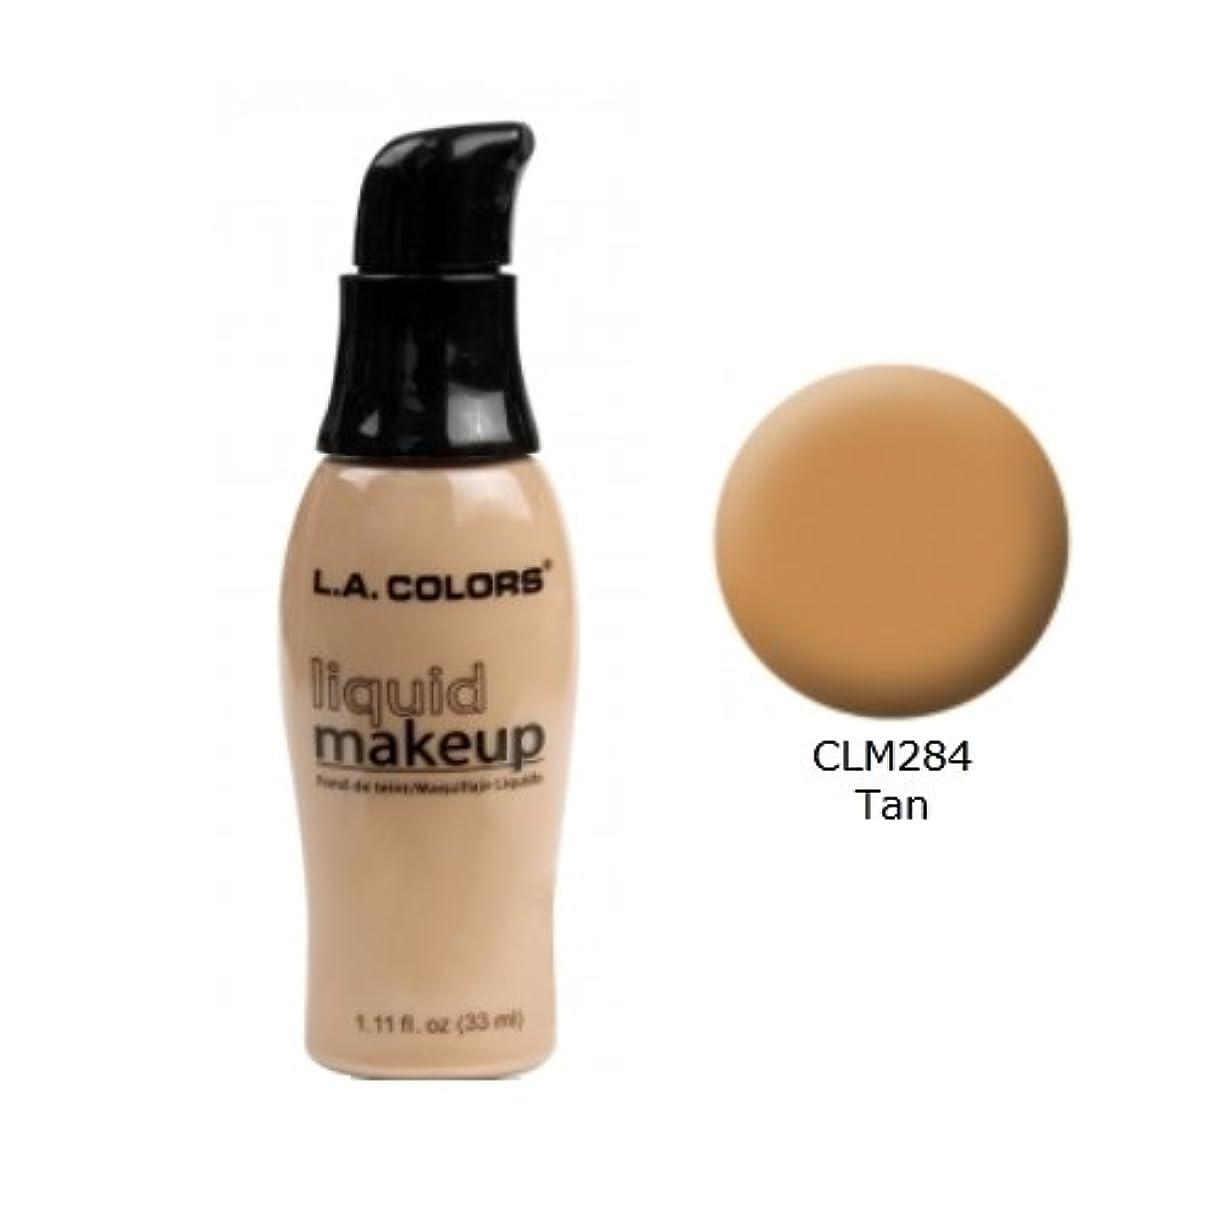 協力的ベールおびえた(6 Pack) LA COLORS Liquid Makeup - Tan (並行輸入品)